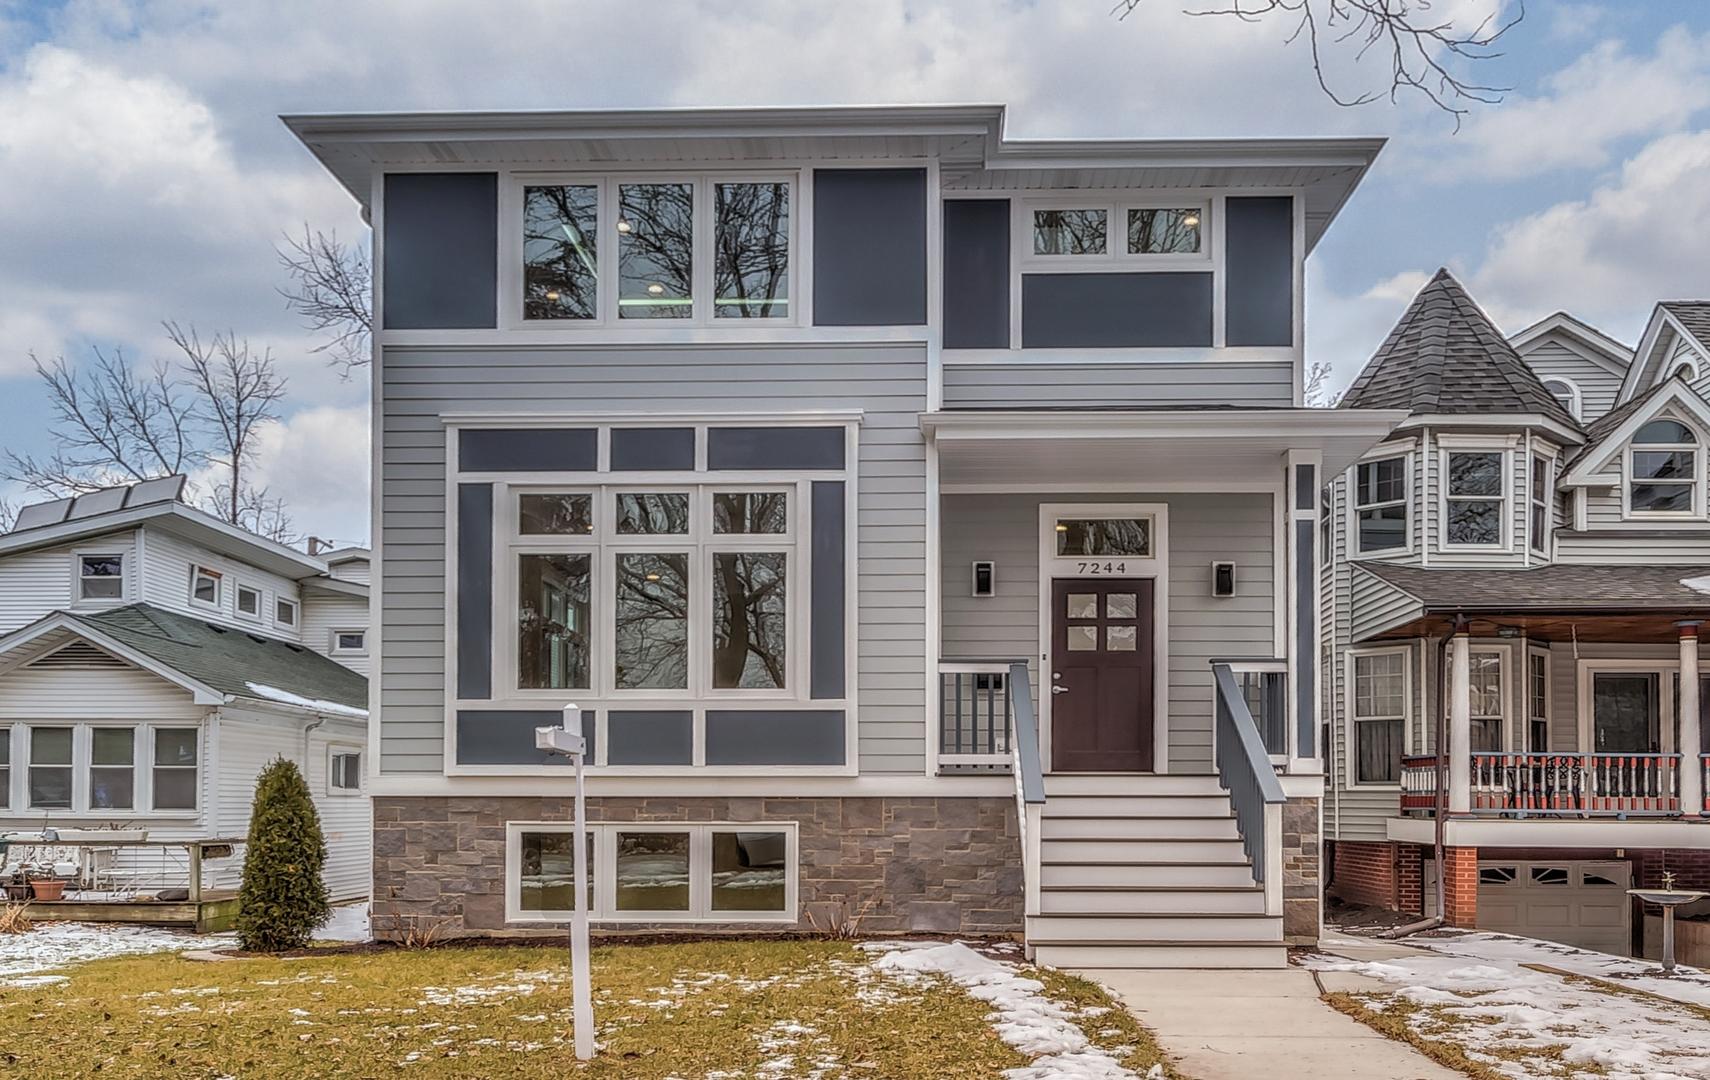 7244 W Everell Avenue, Chicago IL 60631